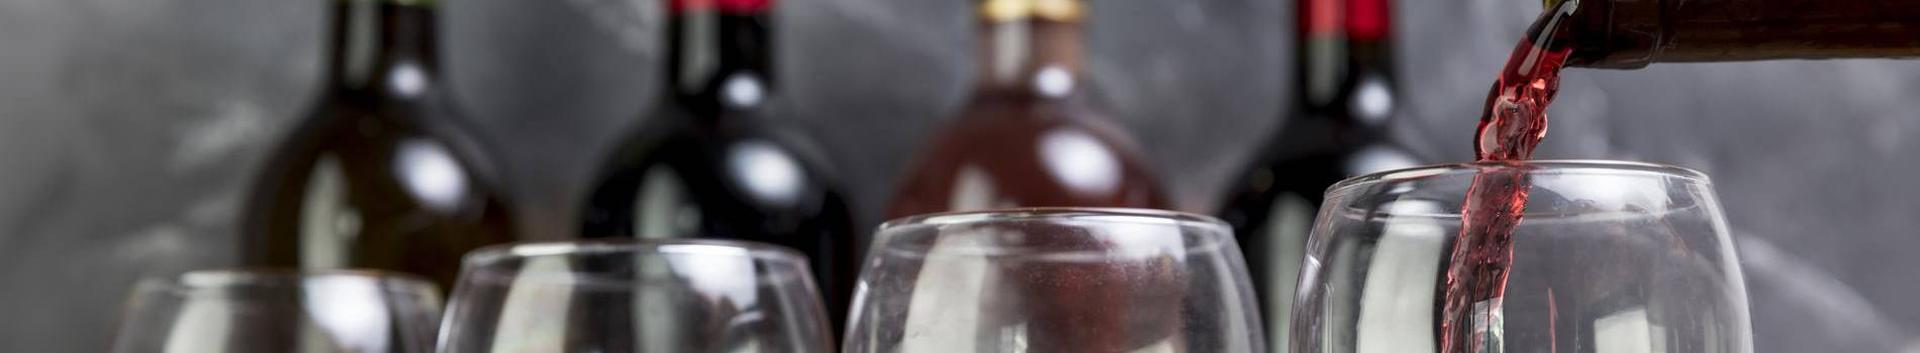 46341_alkoholi-hulgimuuk_10277027_xl.jpg